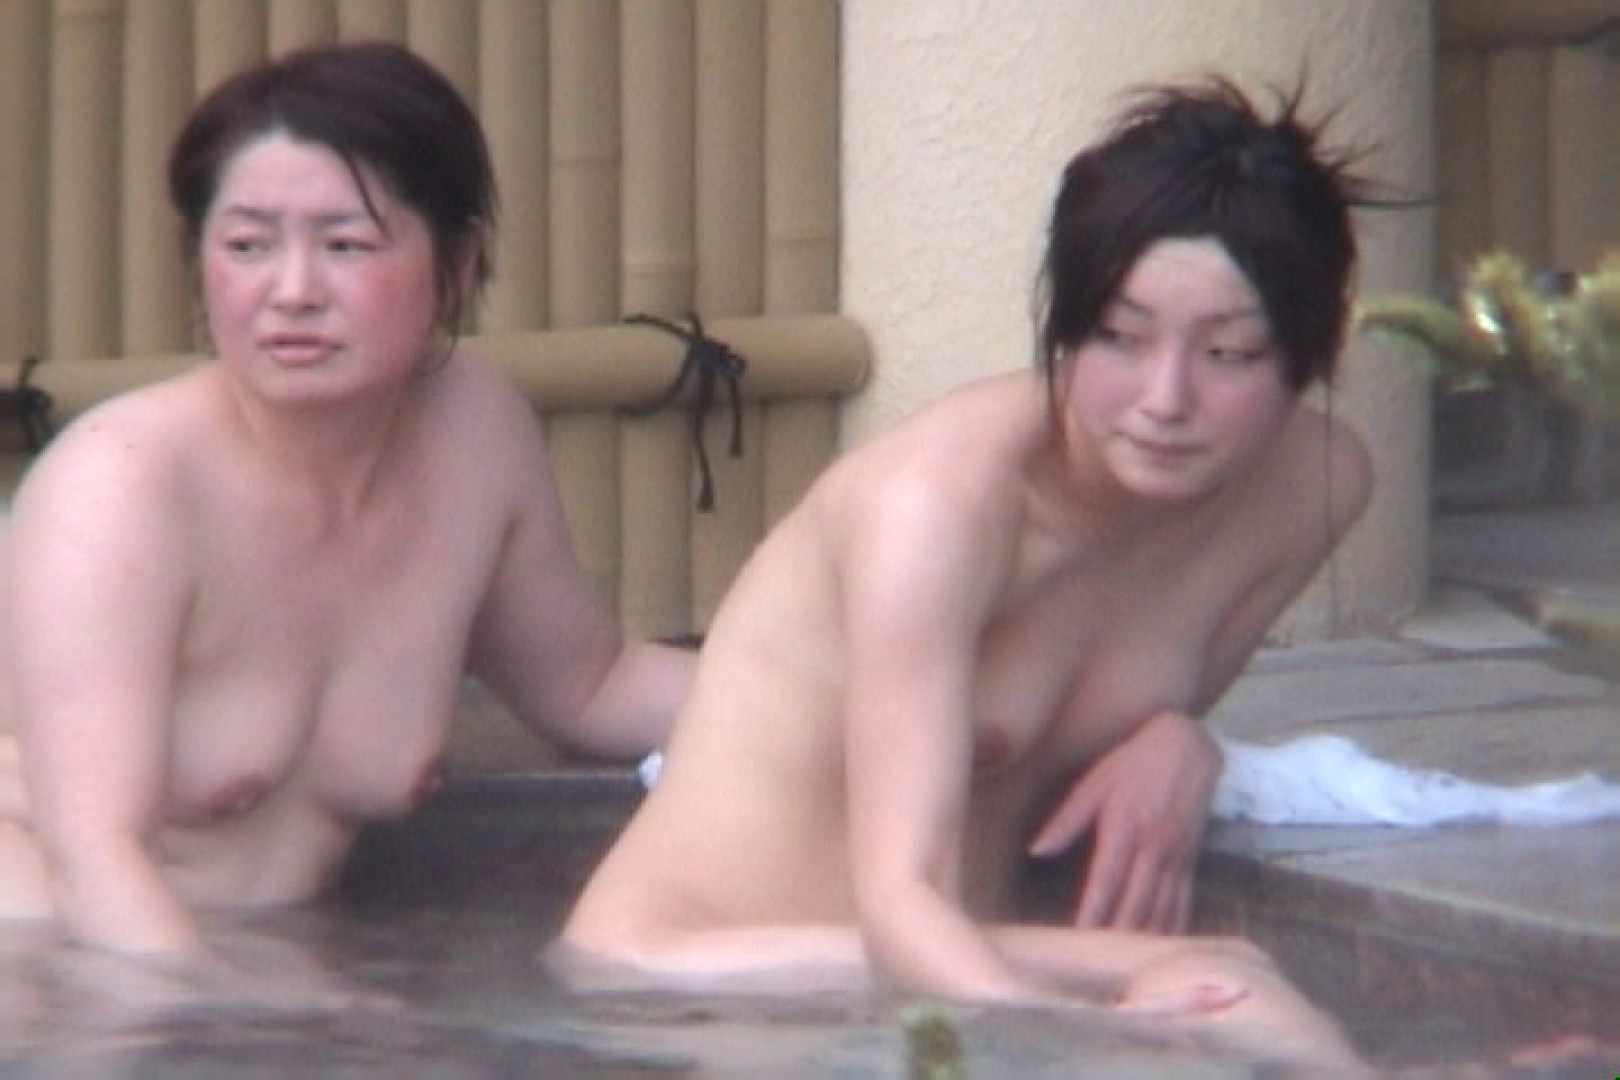 Aquaな露天風呂Vol.44【VIP限定】 エロいOL のぞき動画キャプチャ 61枚